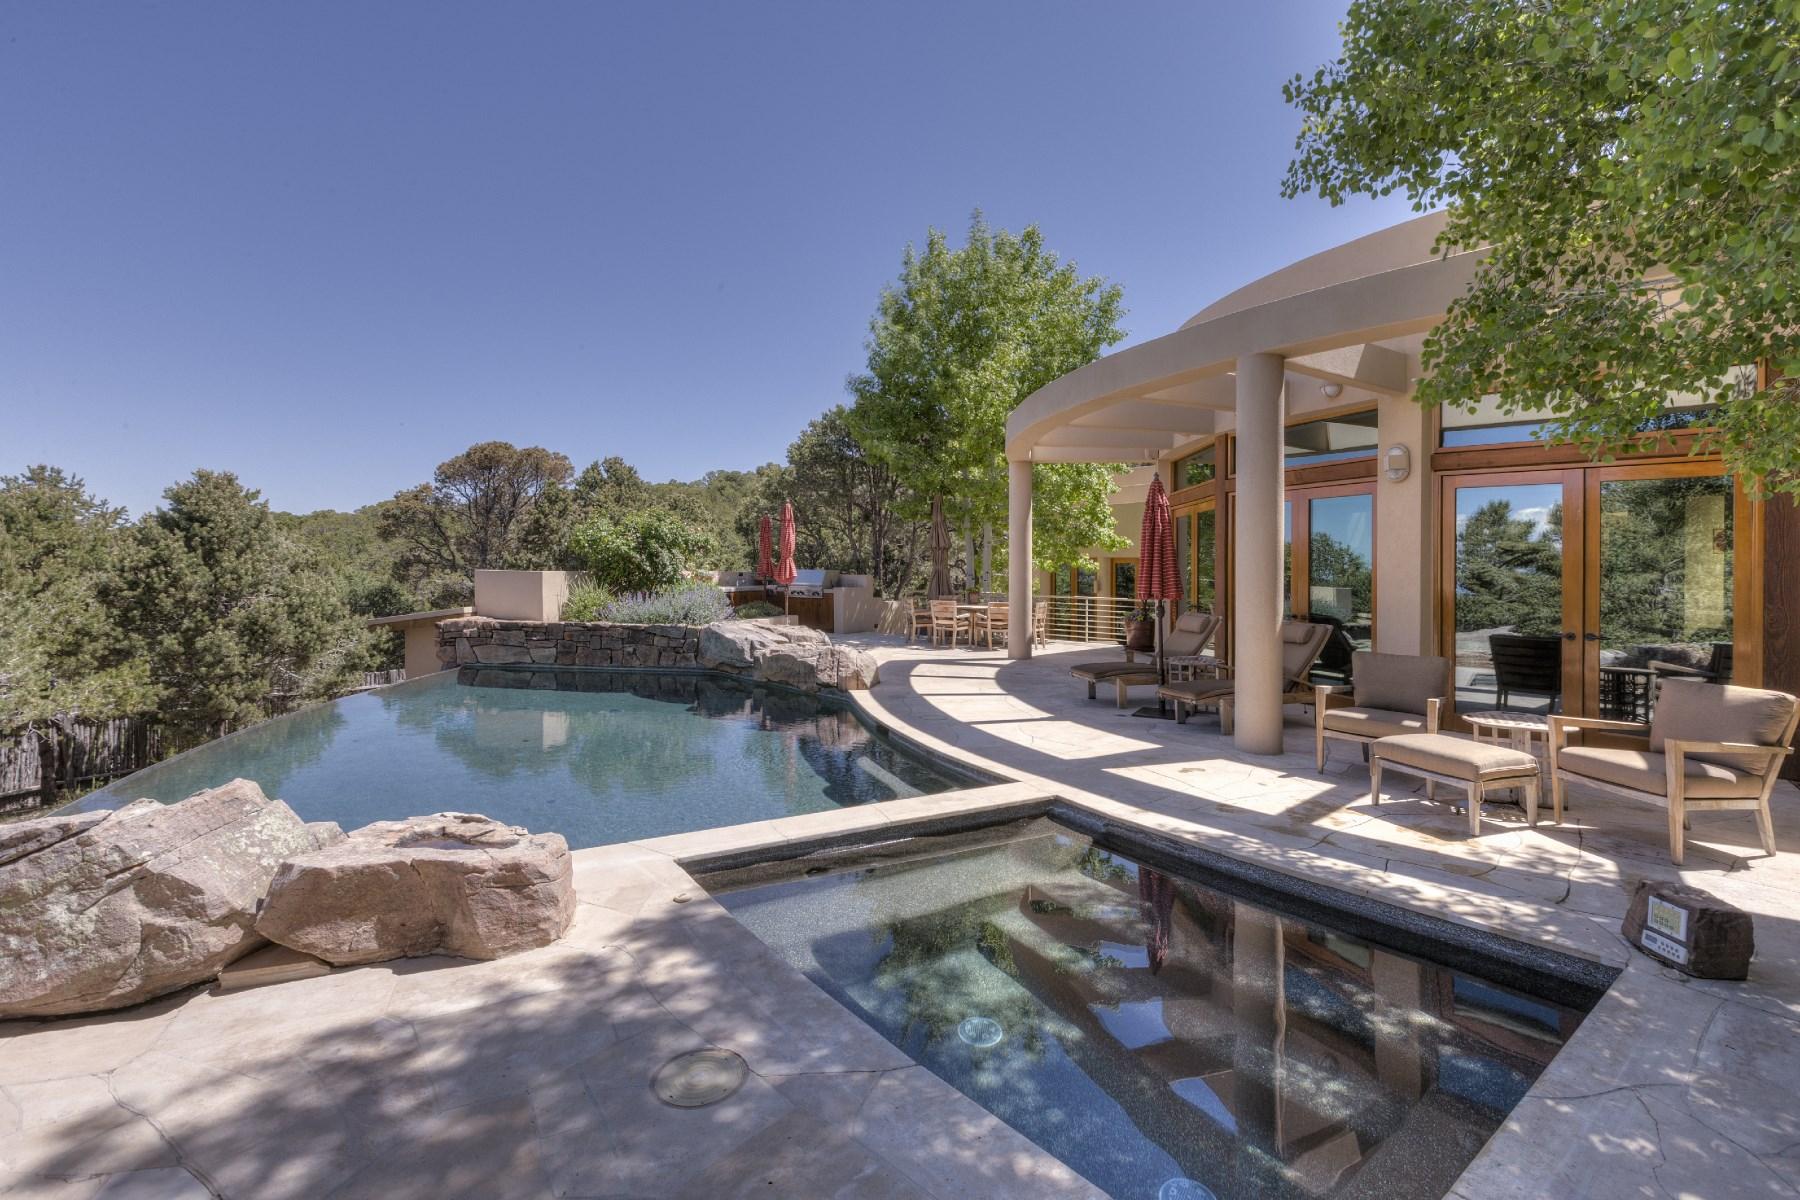 一戸建て のために 売買 アット 1056 Sierra Del Norte Santa Fe City Northeast, Santa Fe, ニューメキシコ, 87501 アメリカ合衆国